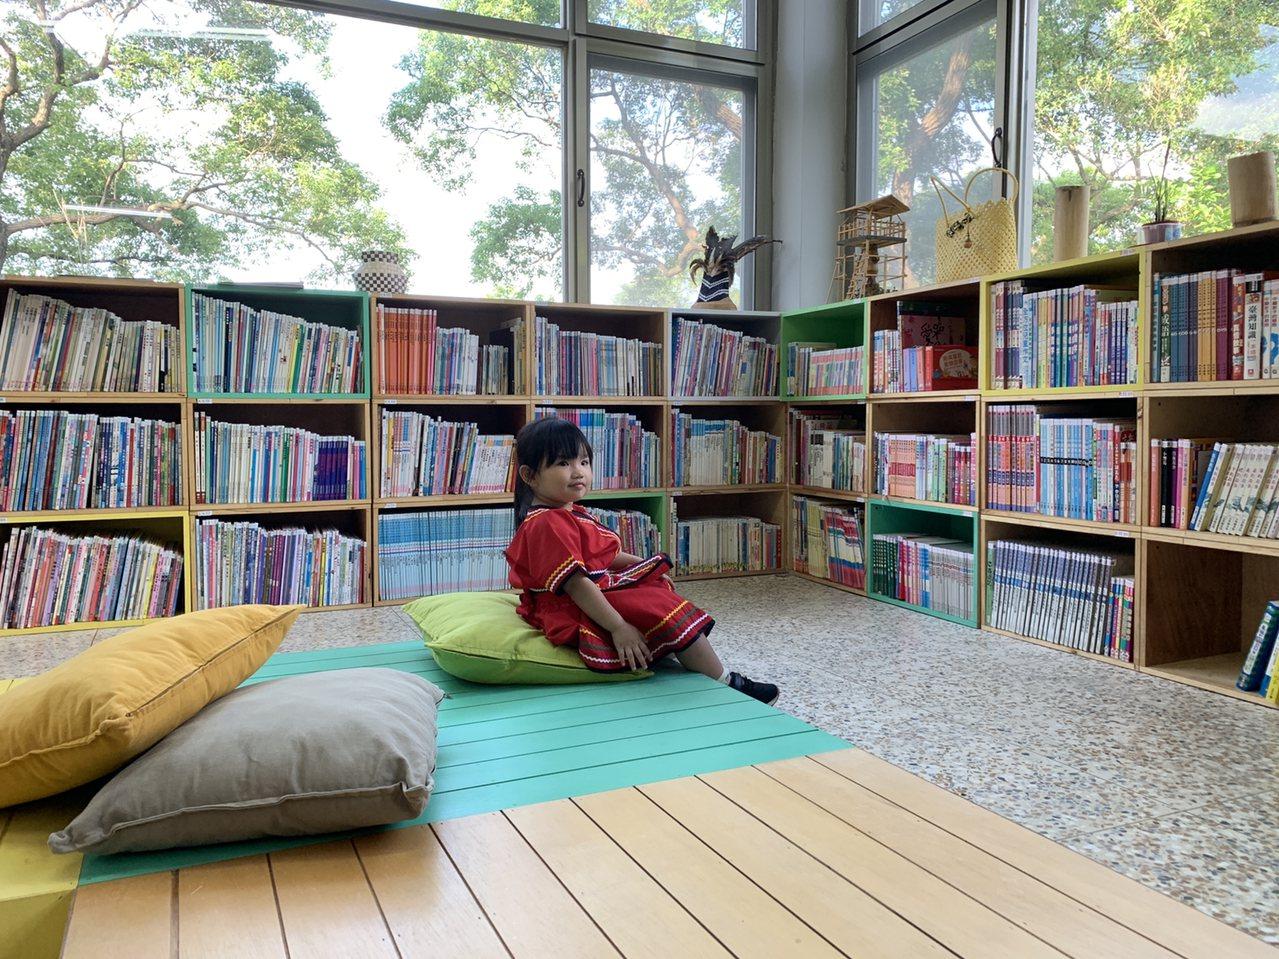 新北市「泰山森林書屋」有著大片玻璃窗,且被山林包圍,因而得名。它現在終於有自己的...